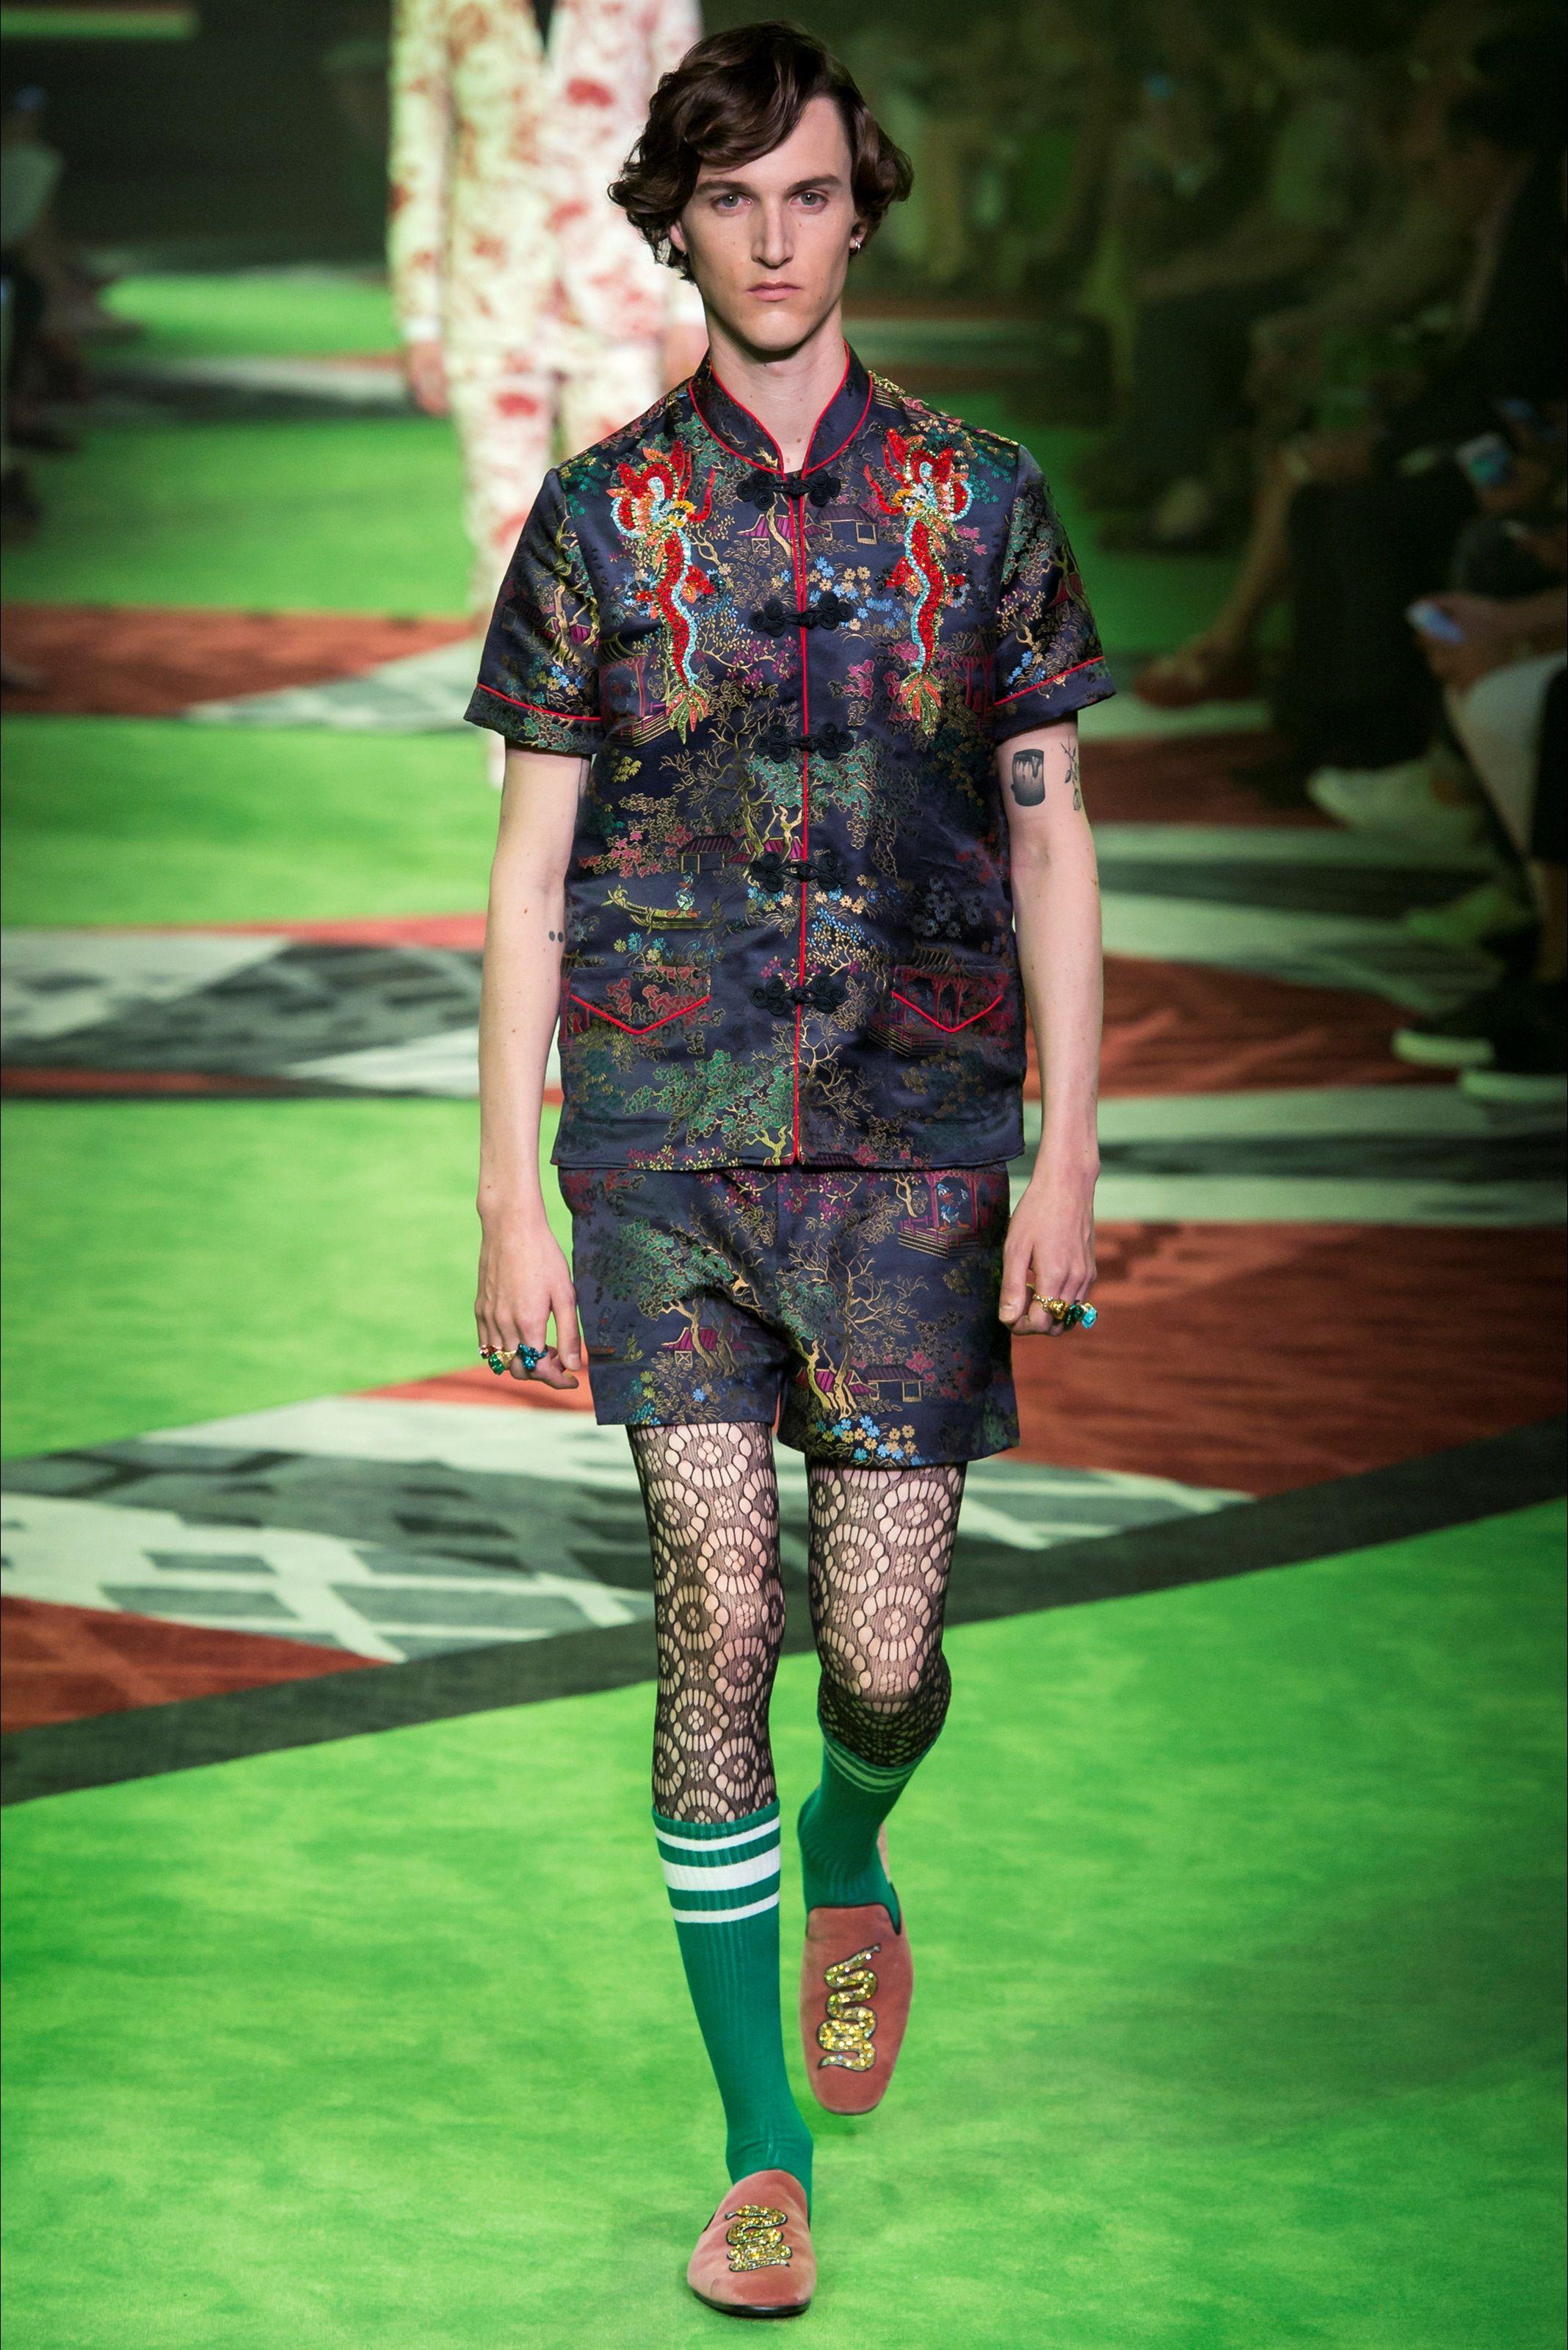 Sfilata Moda Uomo Gucci Milano - Primavera Estate 2017 - Vogue  4d8b89a15f76